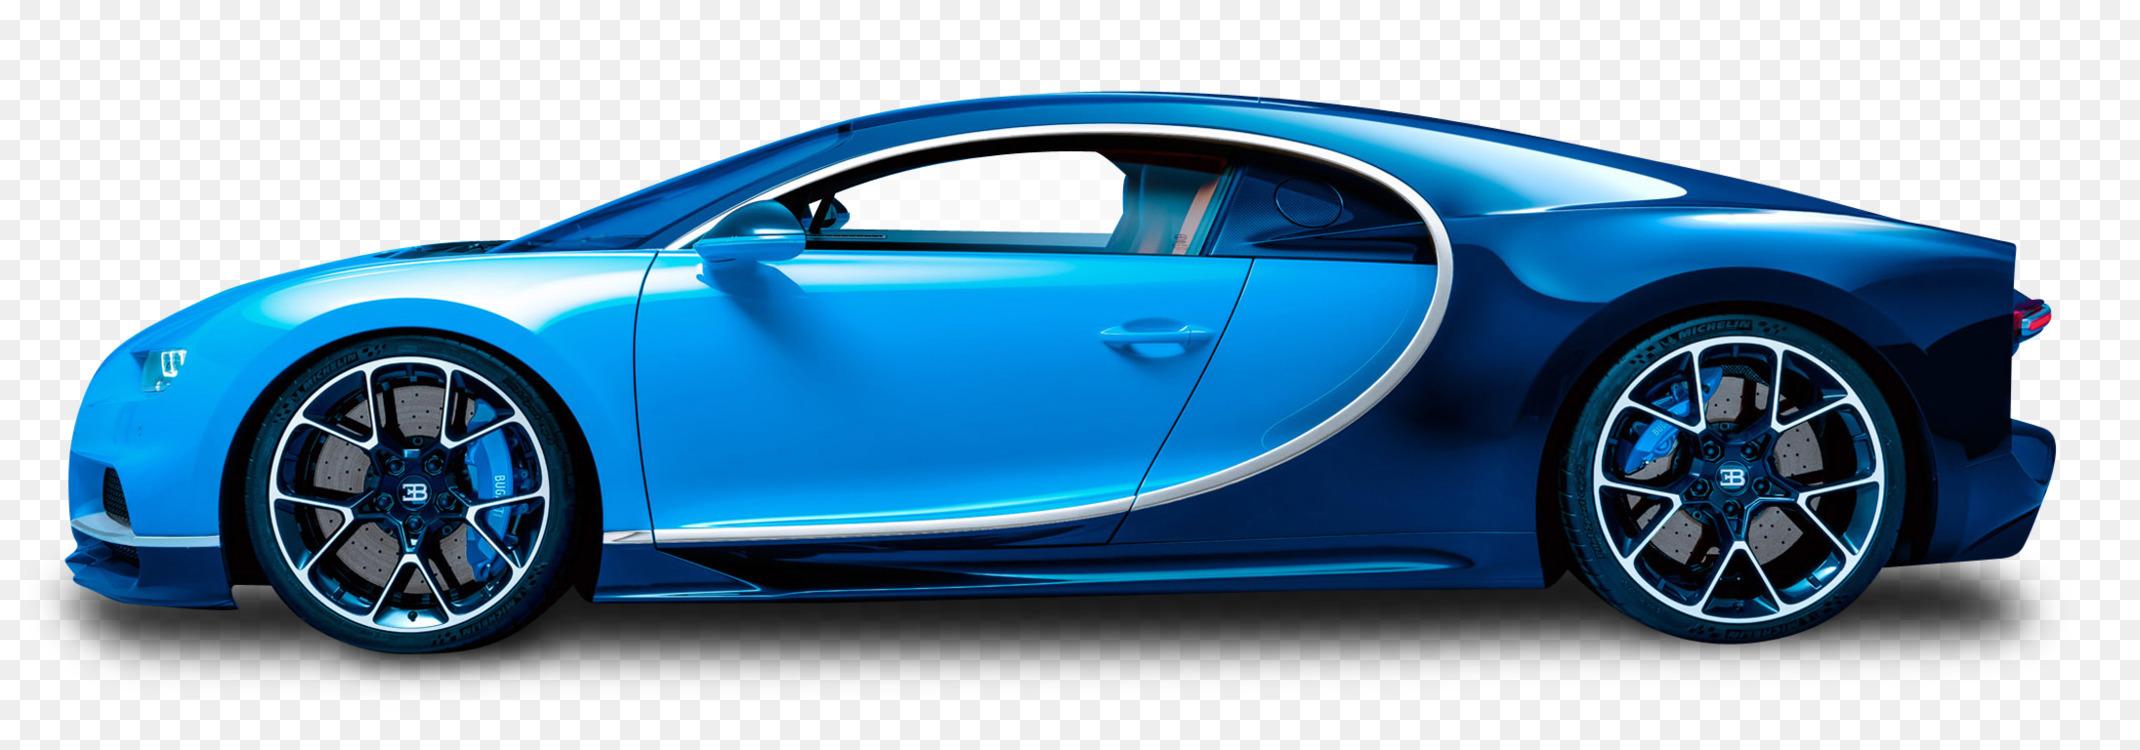 Bugatti Chiron Bugatti Veyron Sports Car Free Png Image Bugatti